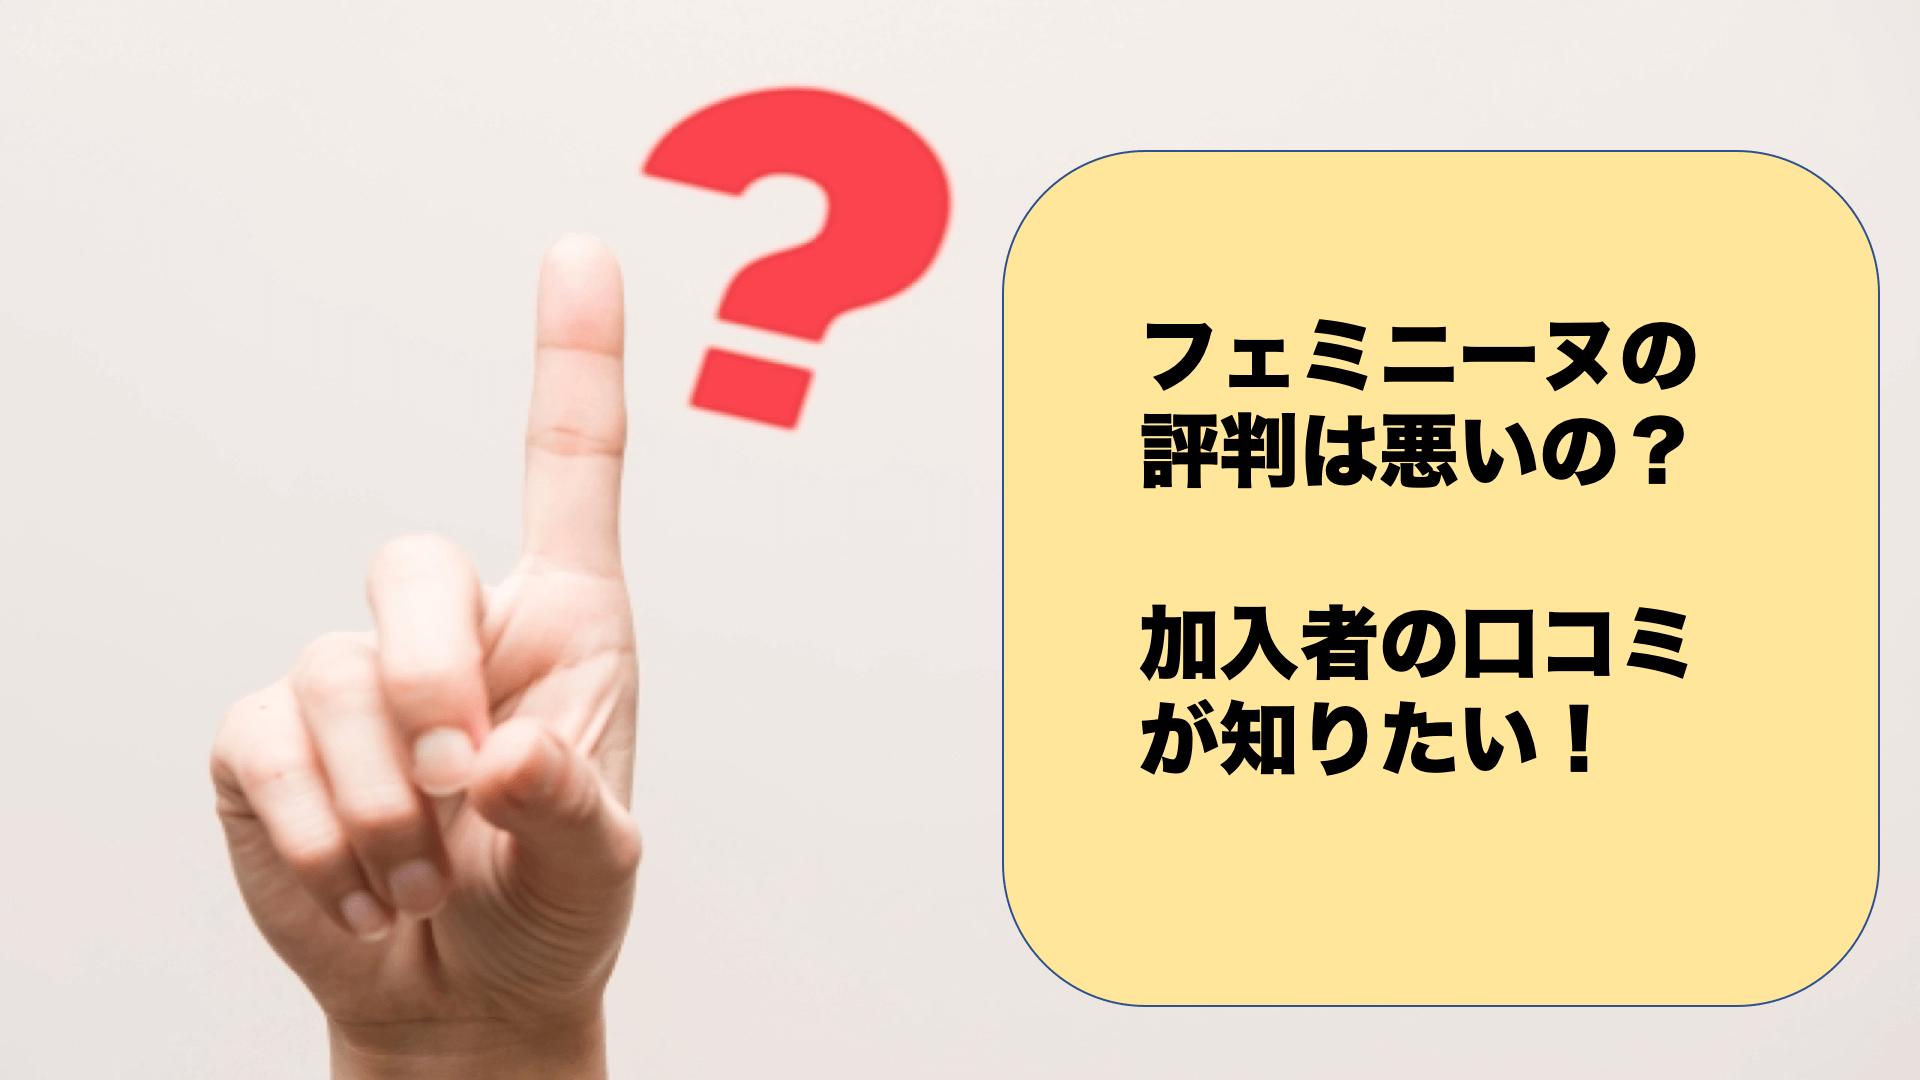 ひまわり生命の女性保険「フェミニーヌ」口コミの評判・評価